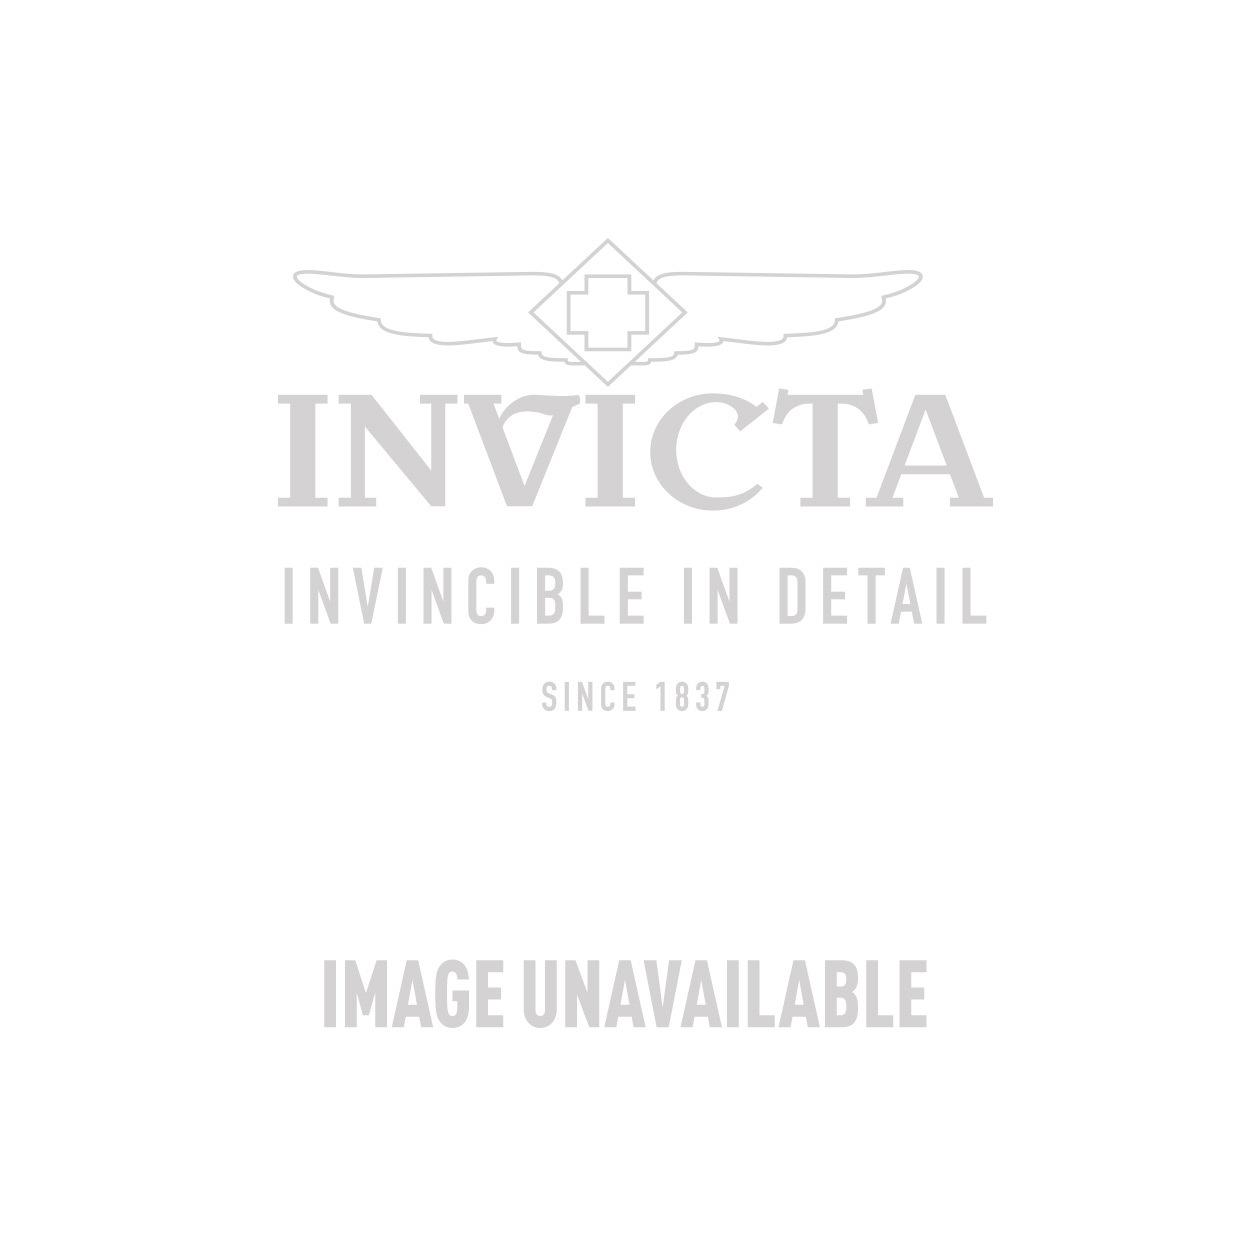 Invicta Model 27882